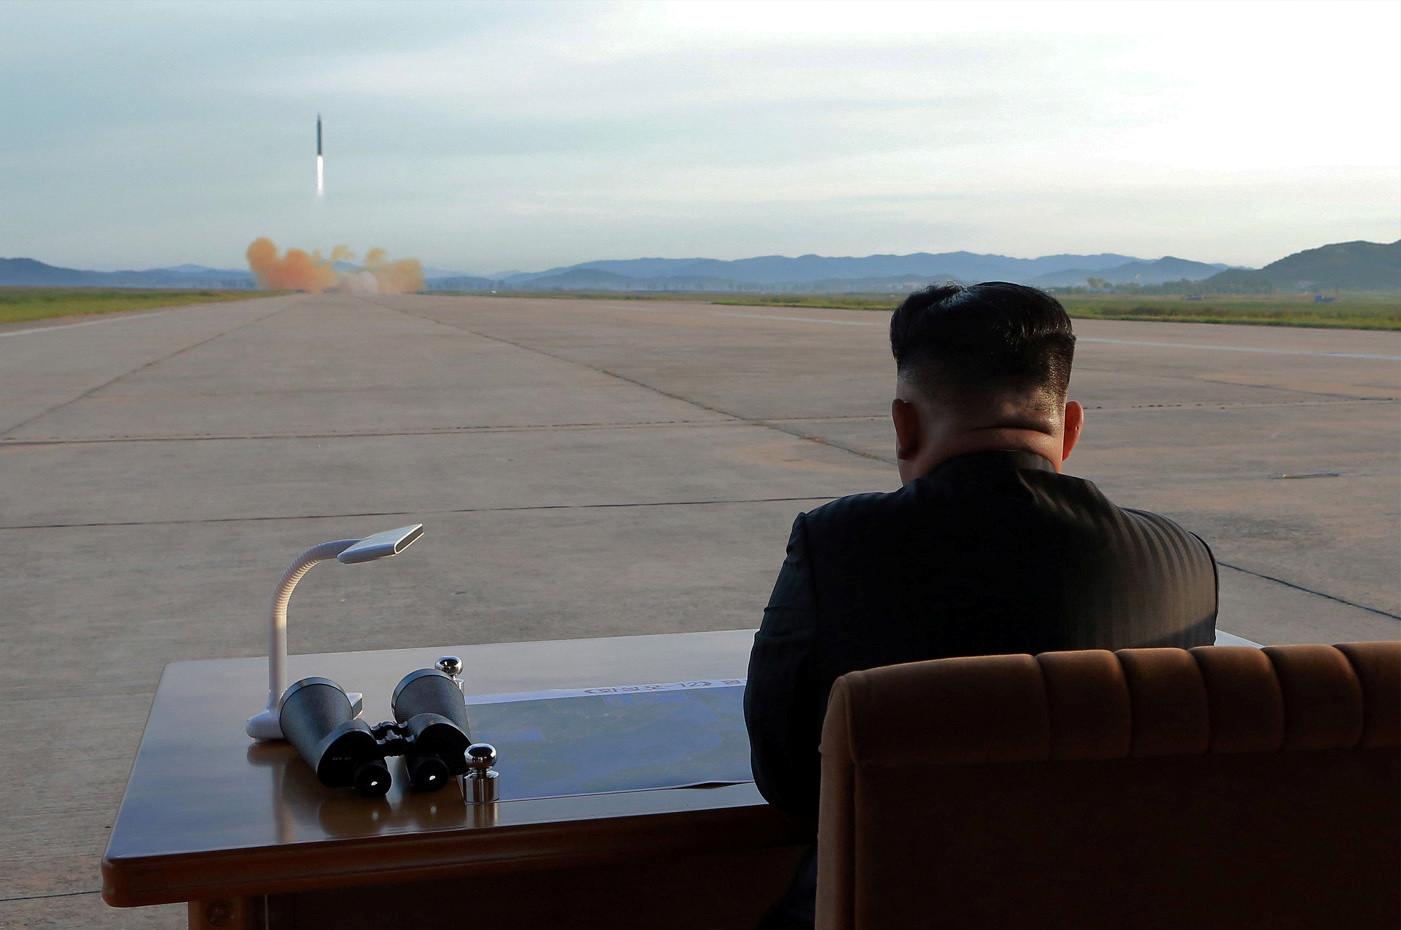 رابع تجربة في أسبوعين.. كوريا الشمالية تطلق صواريخ متطورة (فيديو)